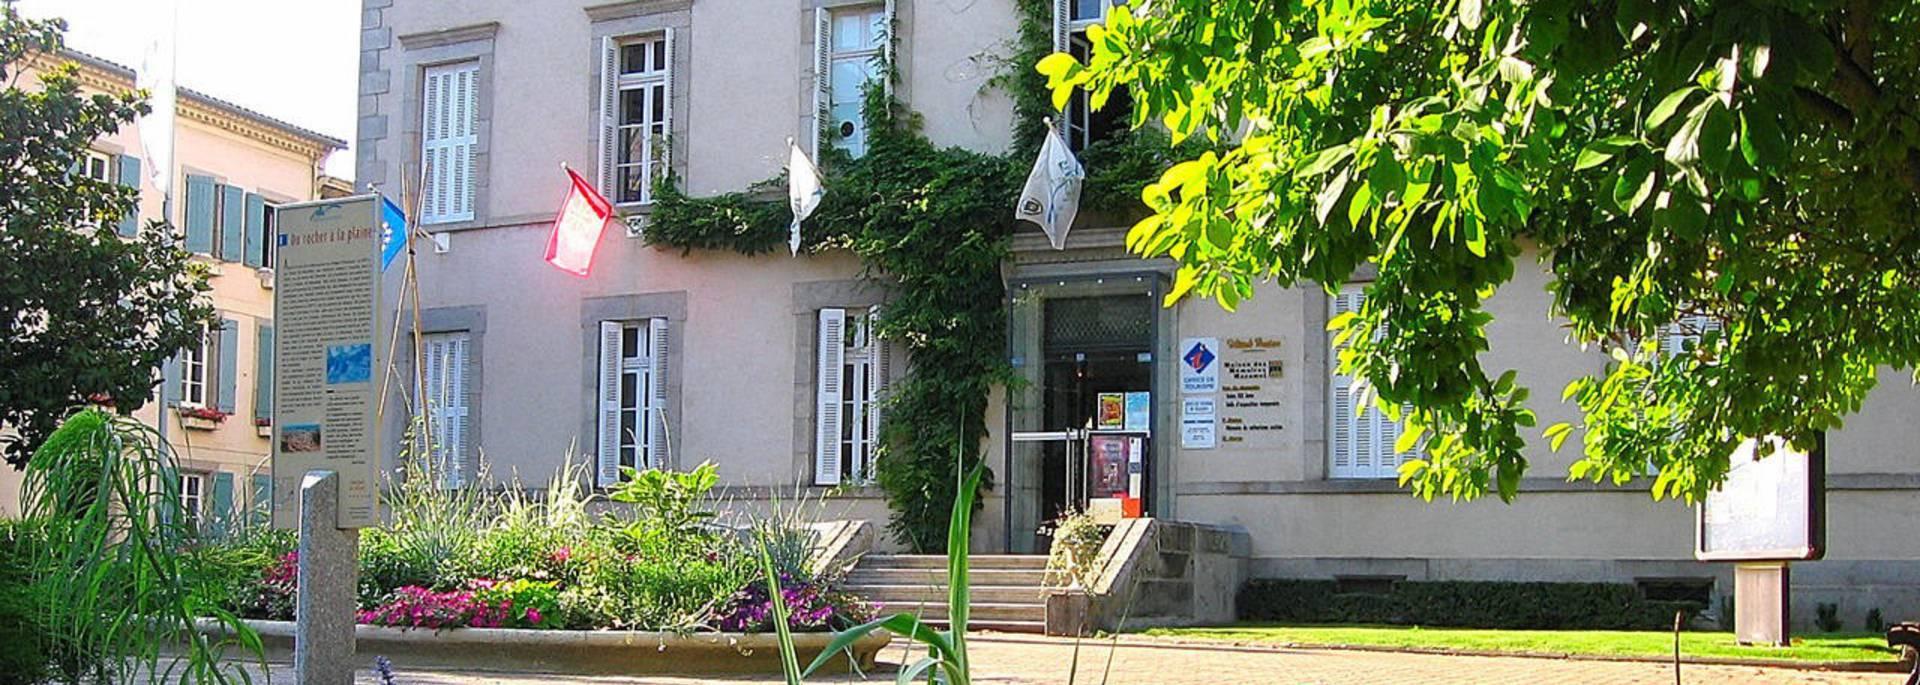 Maiosn Fuzier, Musée du Catharisme